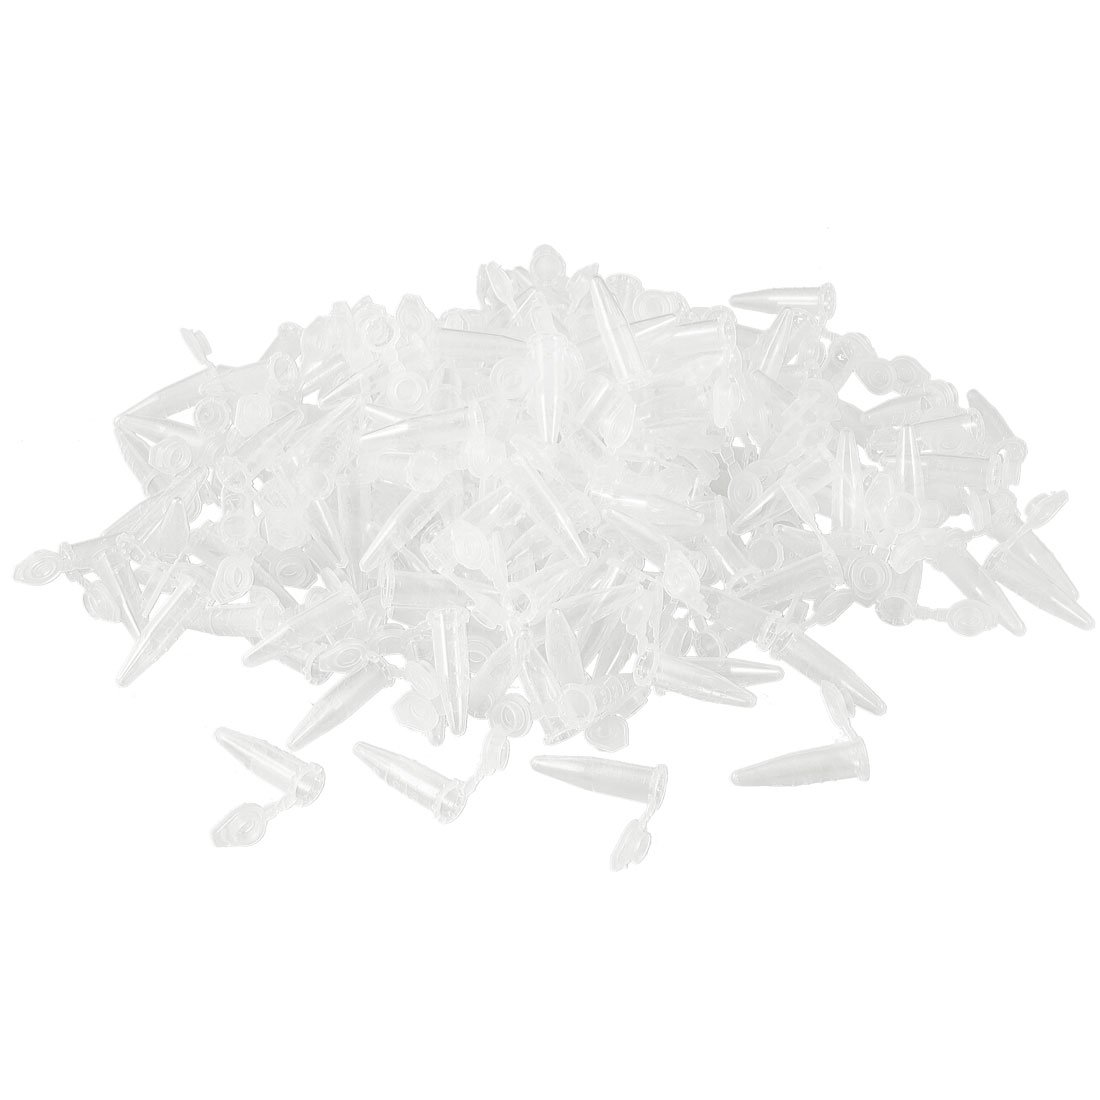 Sourcingmap a12102600ux0338-1000 pc de laboratorio blanco claro marca impresa de plá stico tubo de centrí fuga de 0, 5 ml